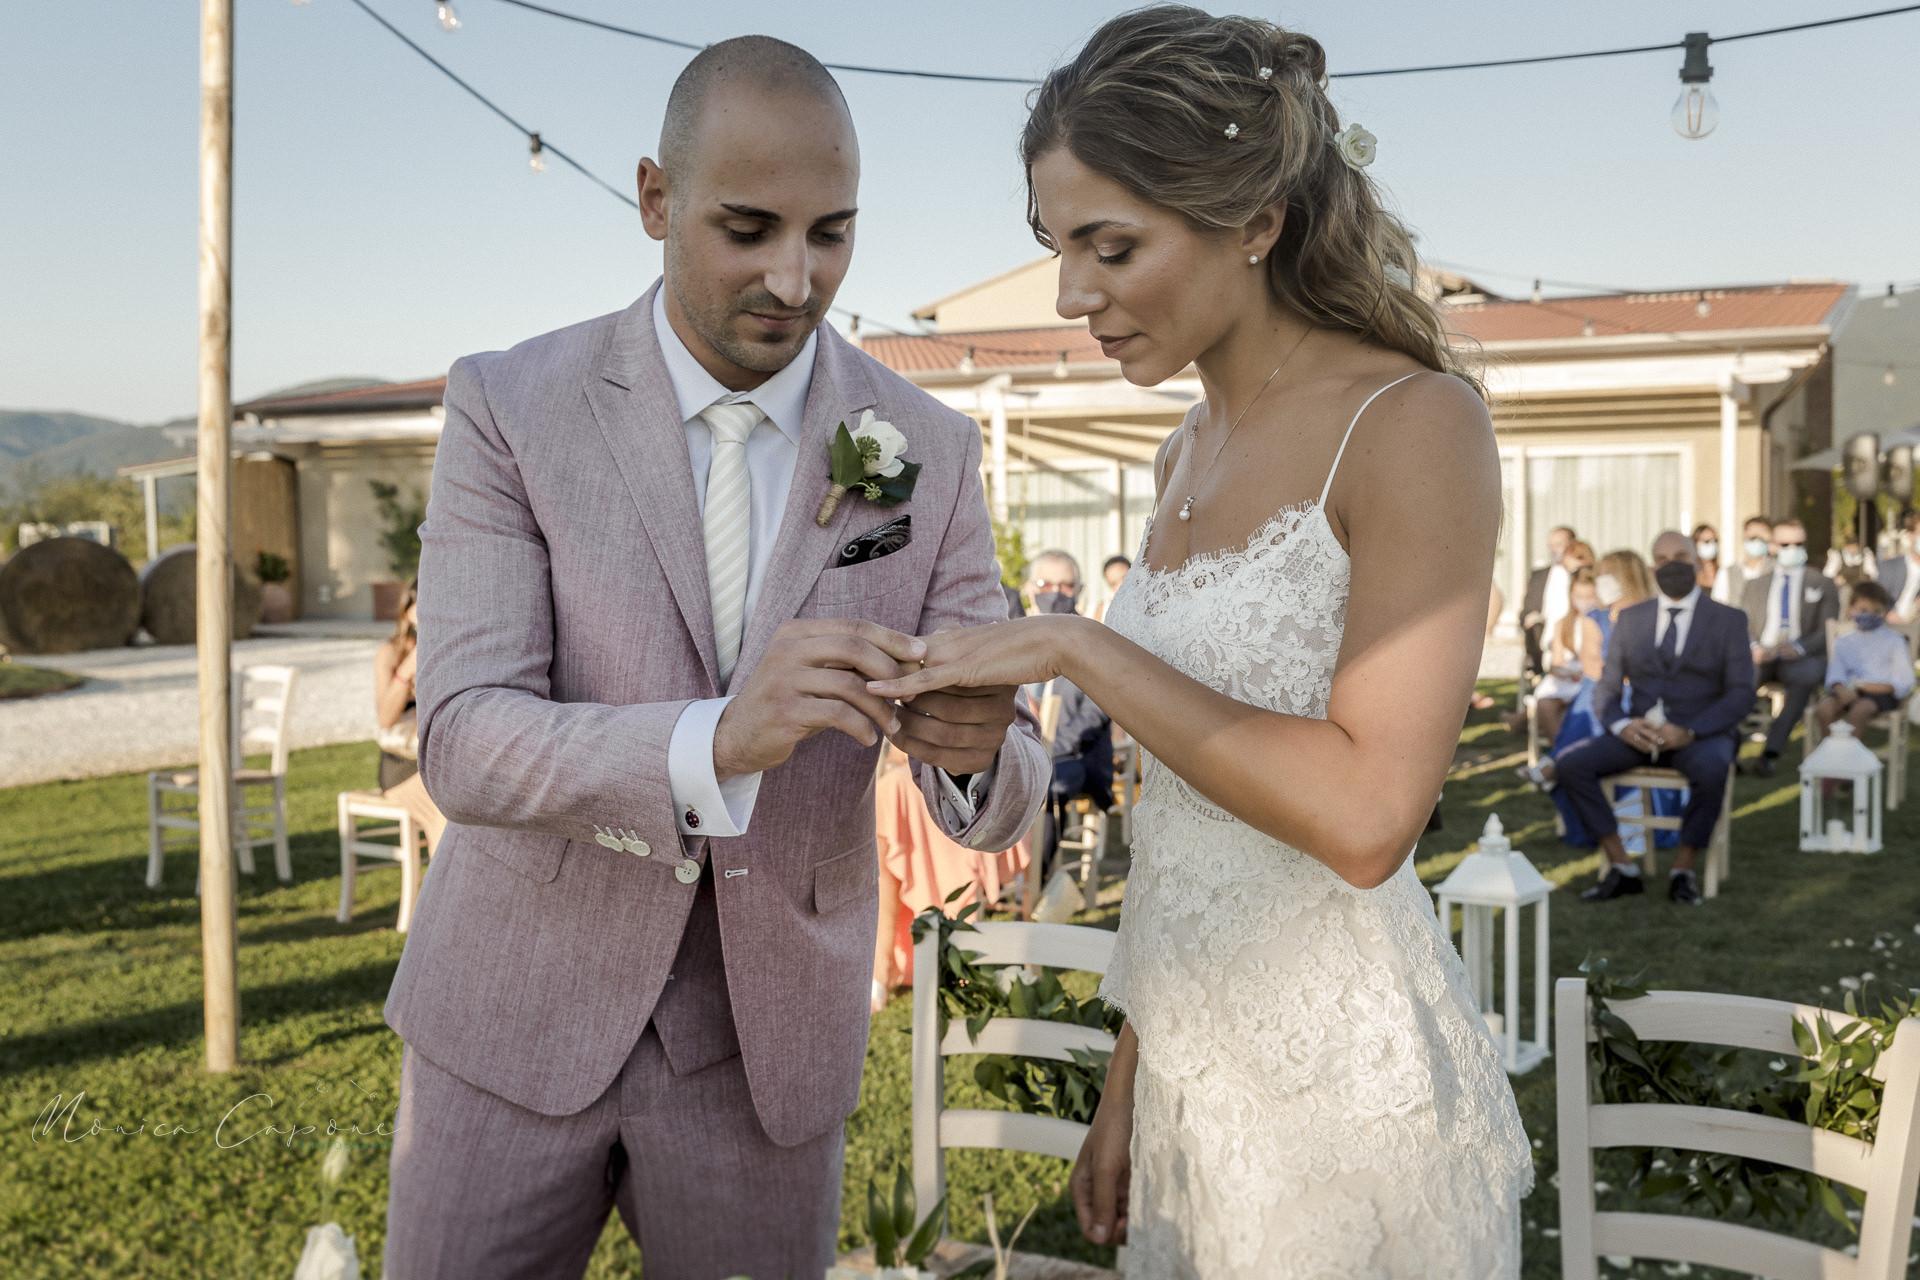 civil-wedding-ceremony